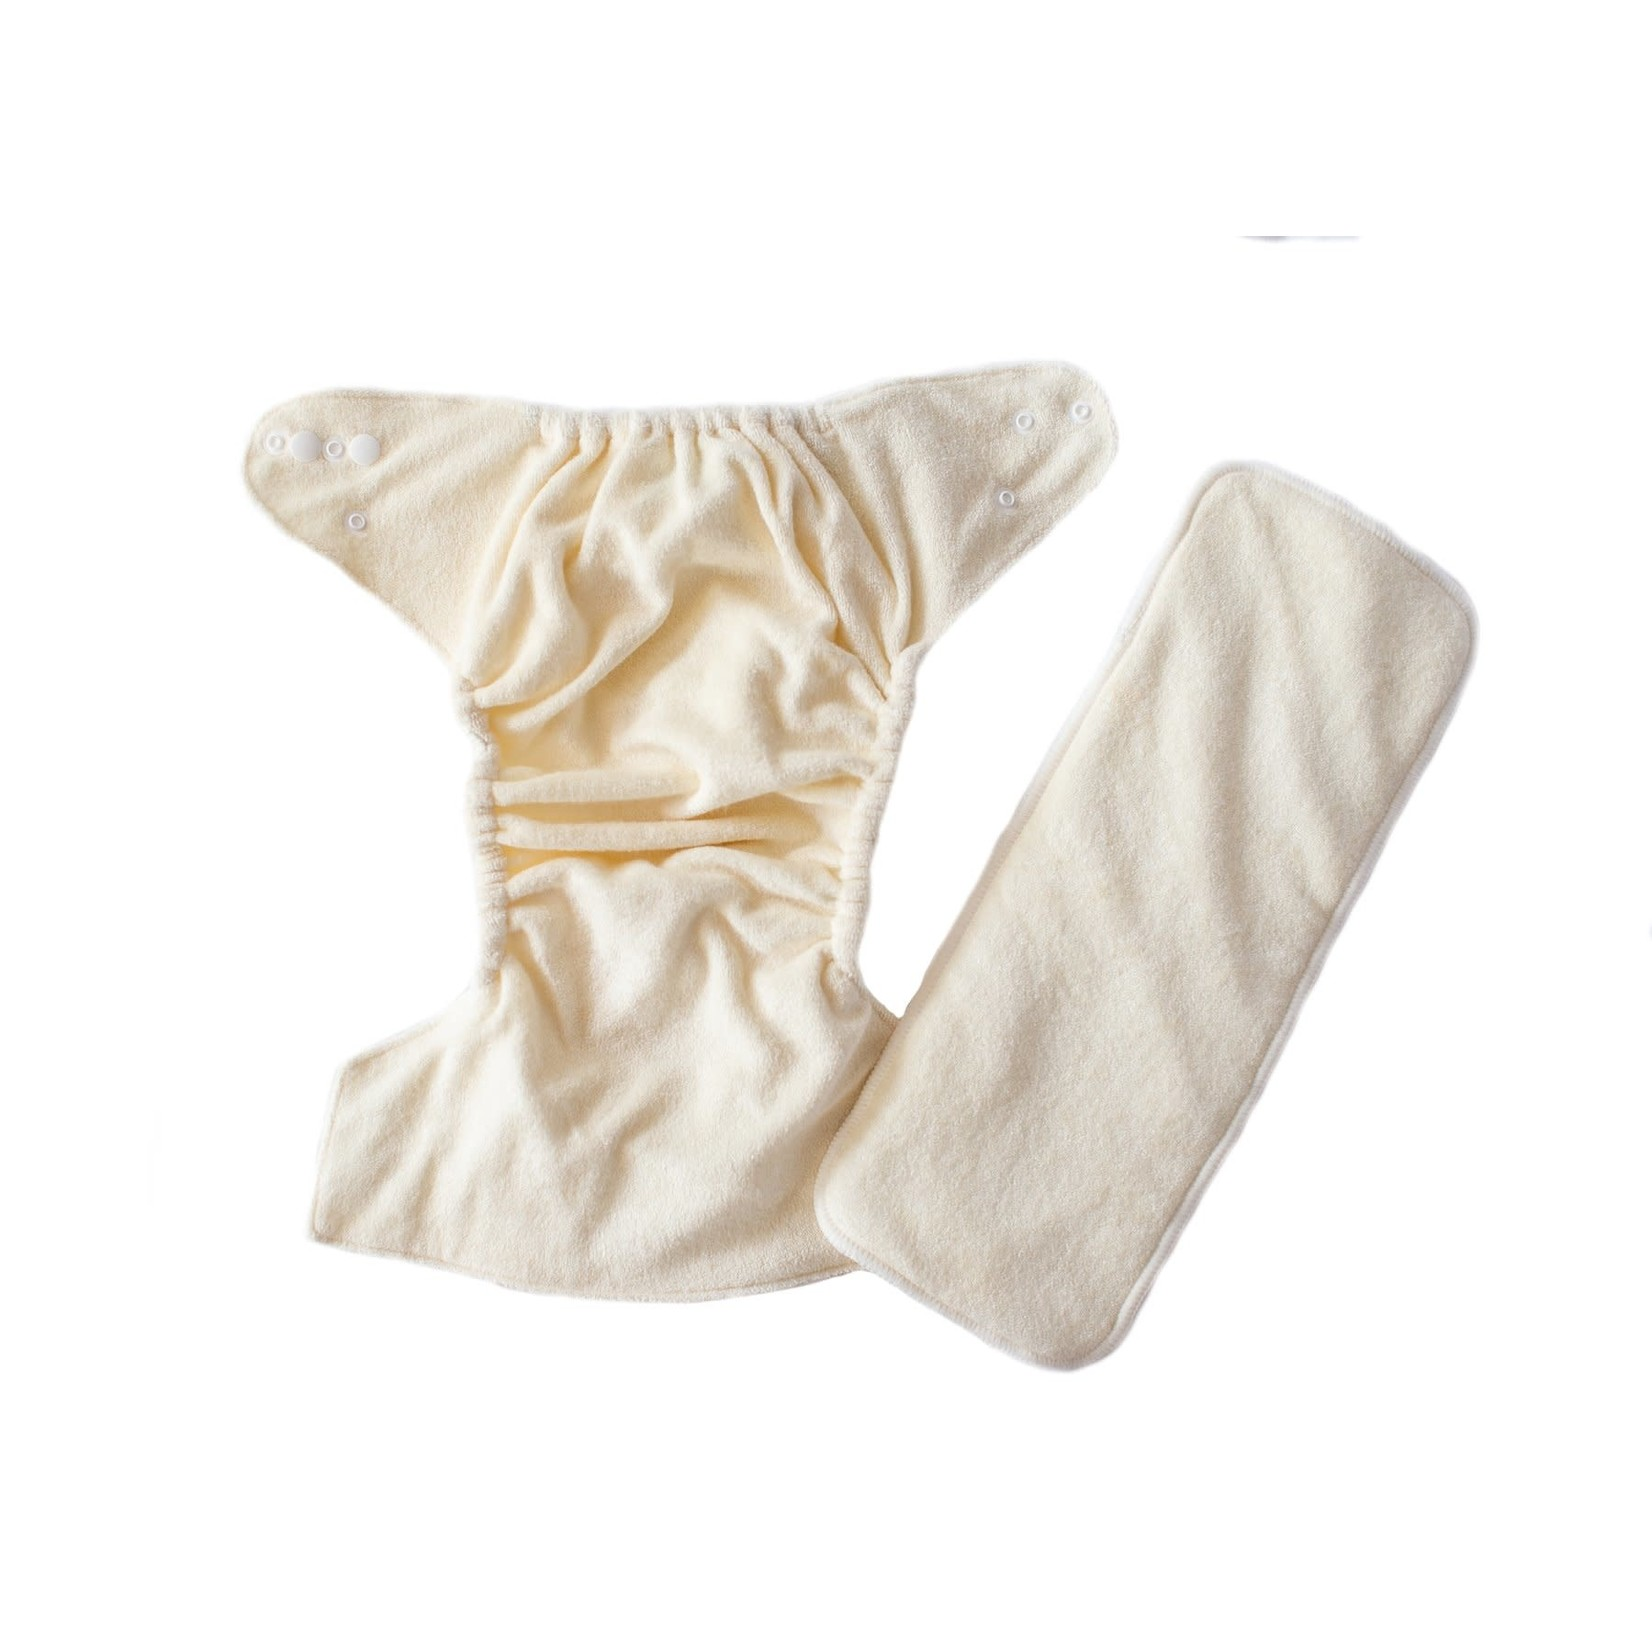 Luvme Pandas by Luvme Bamboo Reusable Cloth Nappy